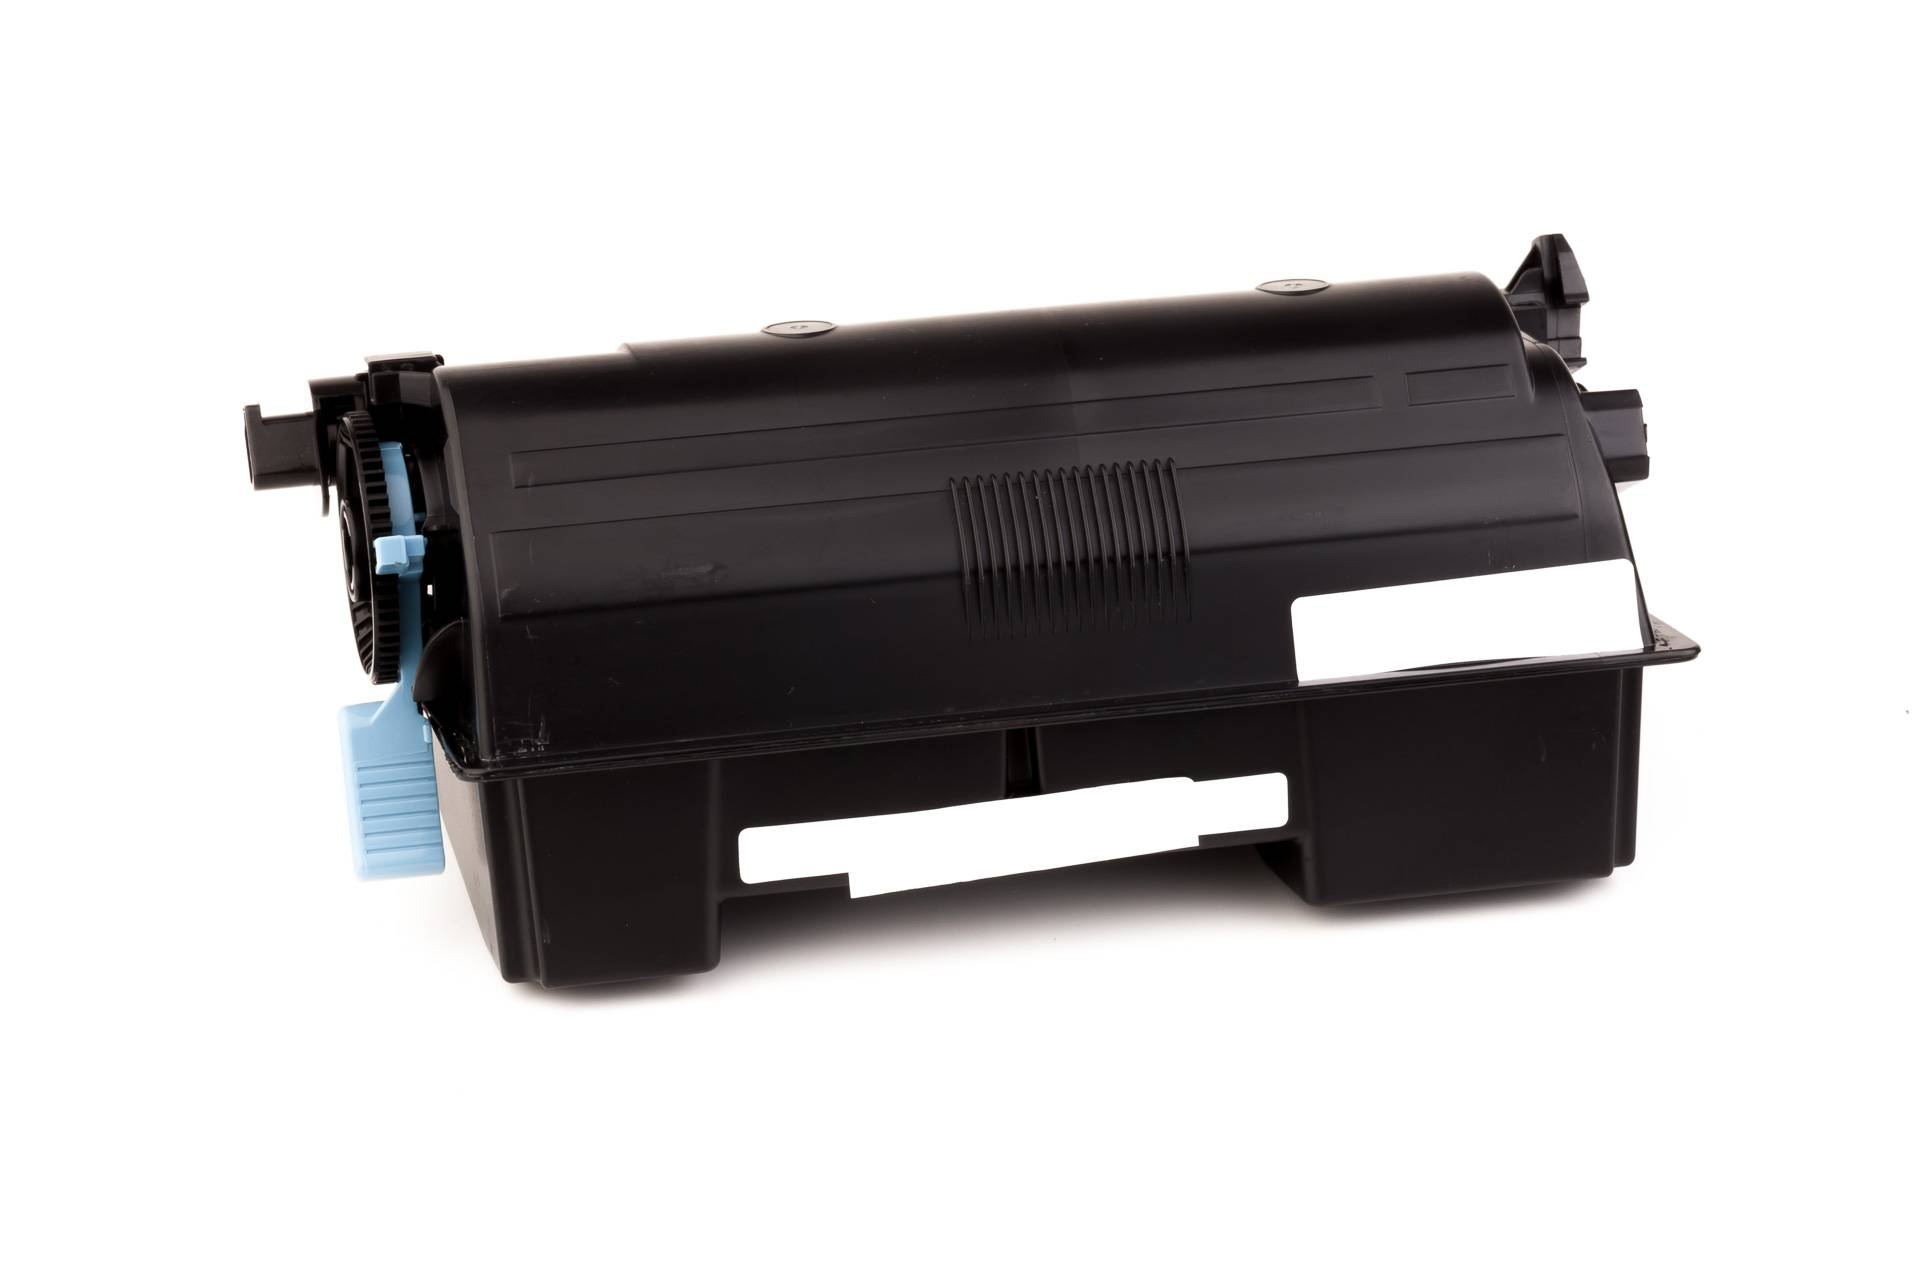 Kyocera Cartouche de Toner pour Kyocera 1T02LV0NL0 / TK-3130 noir compatible (de marque ASC)